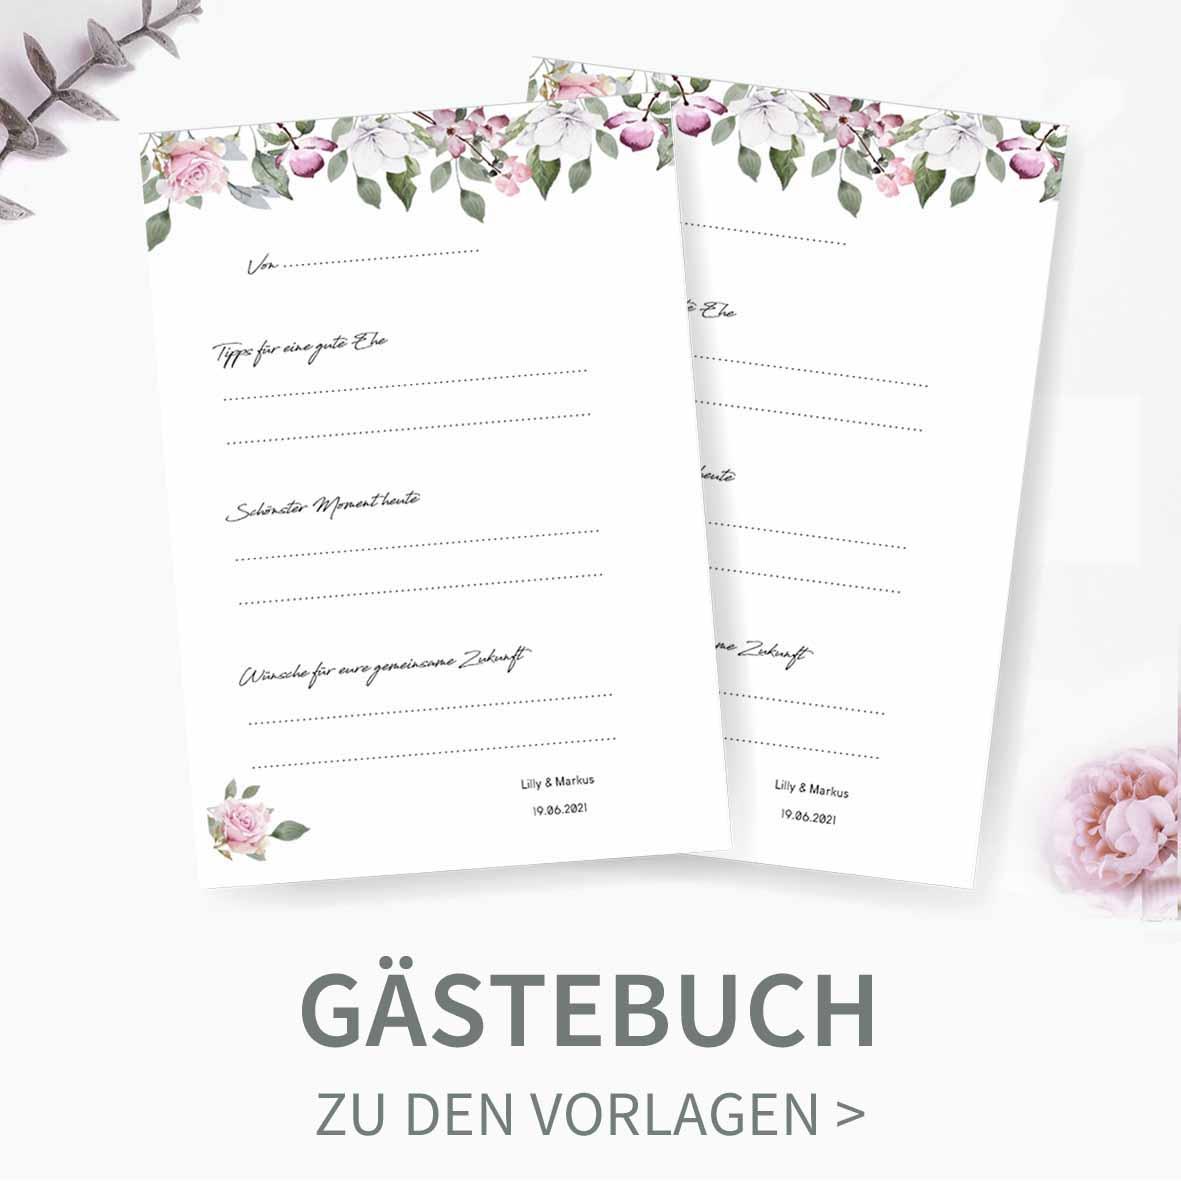 Erstellt und druckt eure Gästebuchkarten einfach selbst